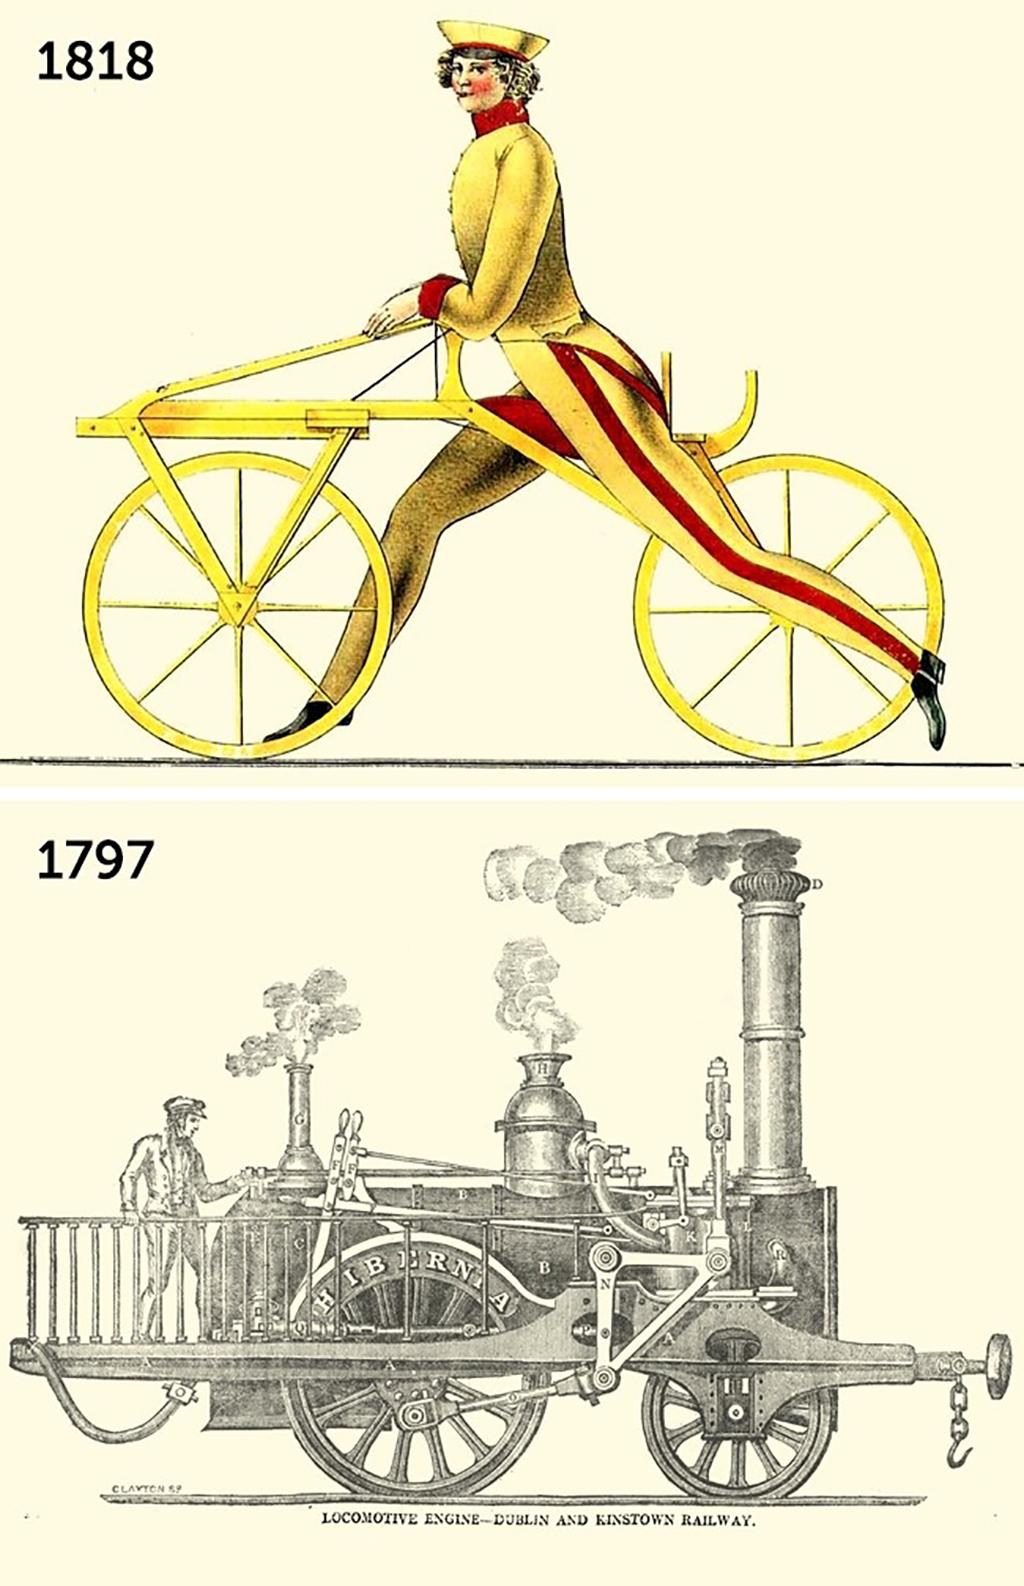 ilk trenin üretim tarihi